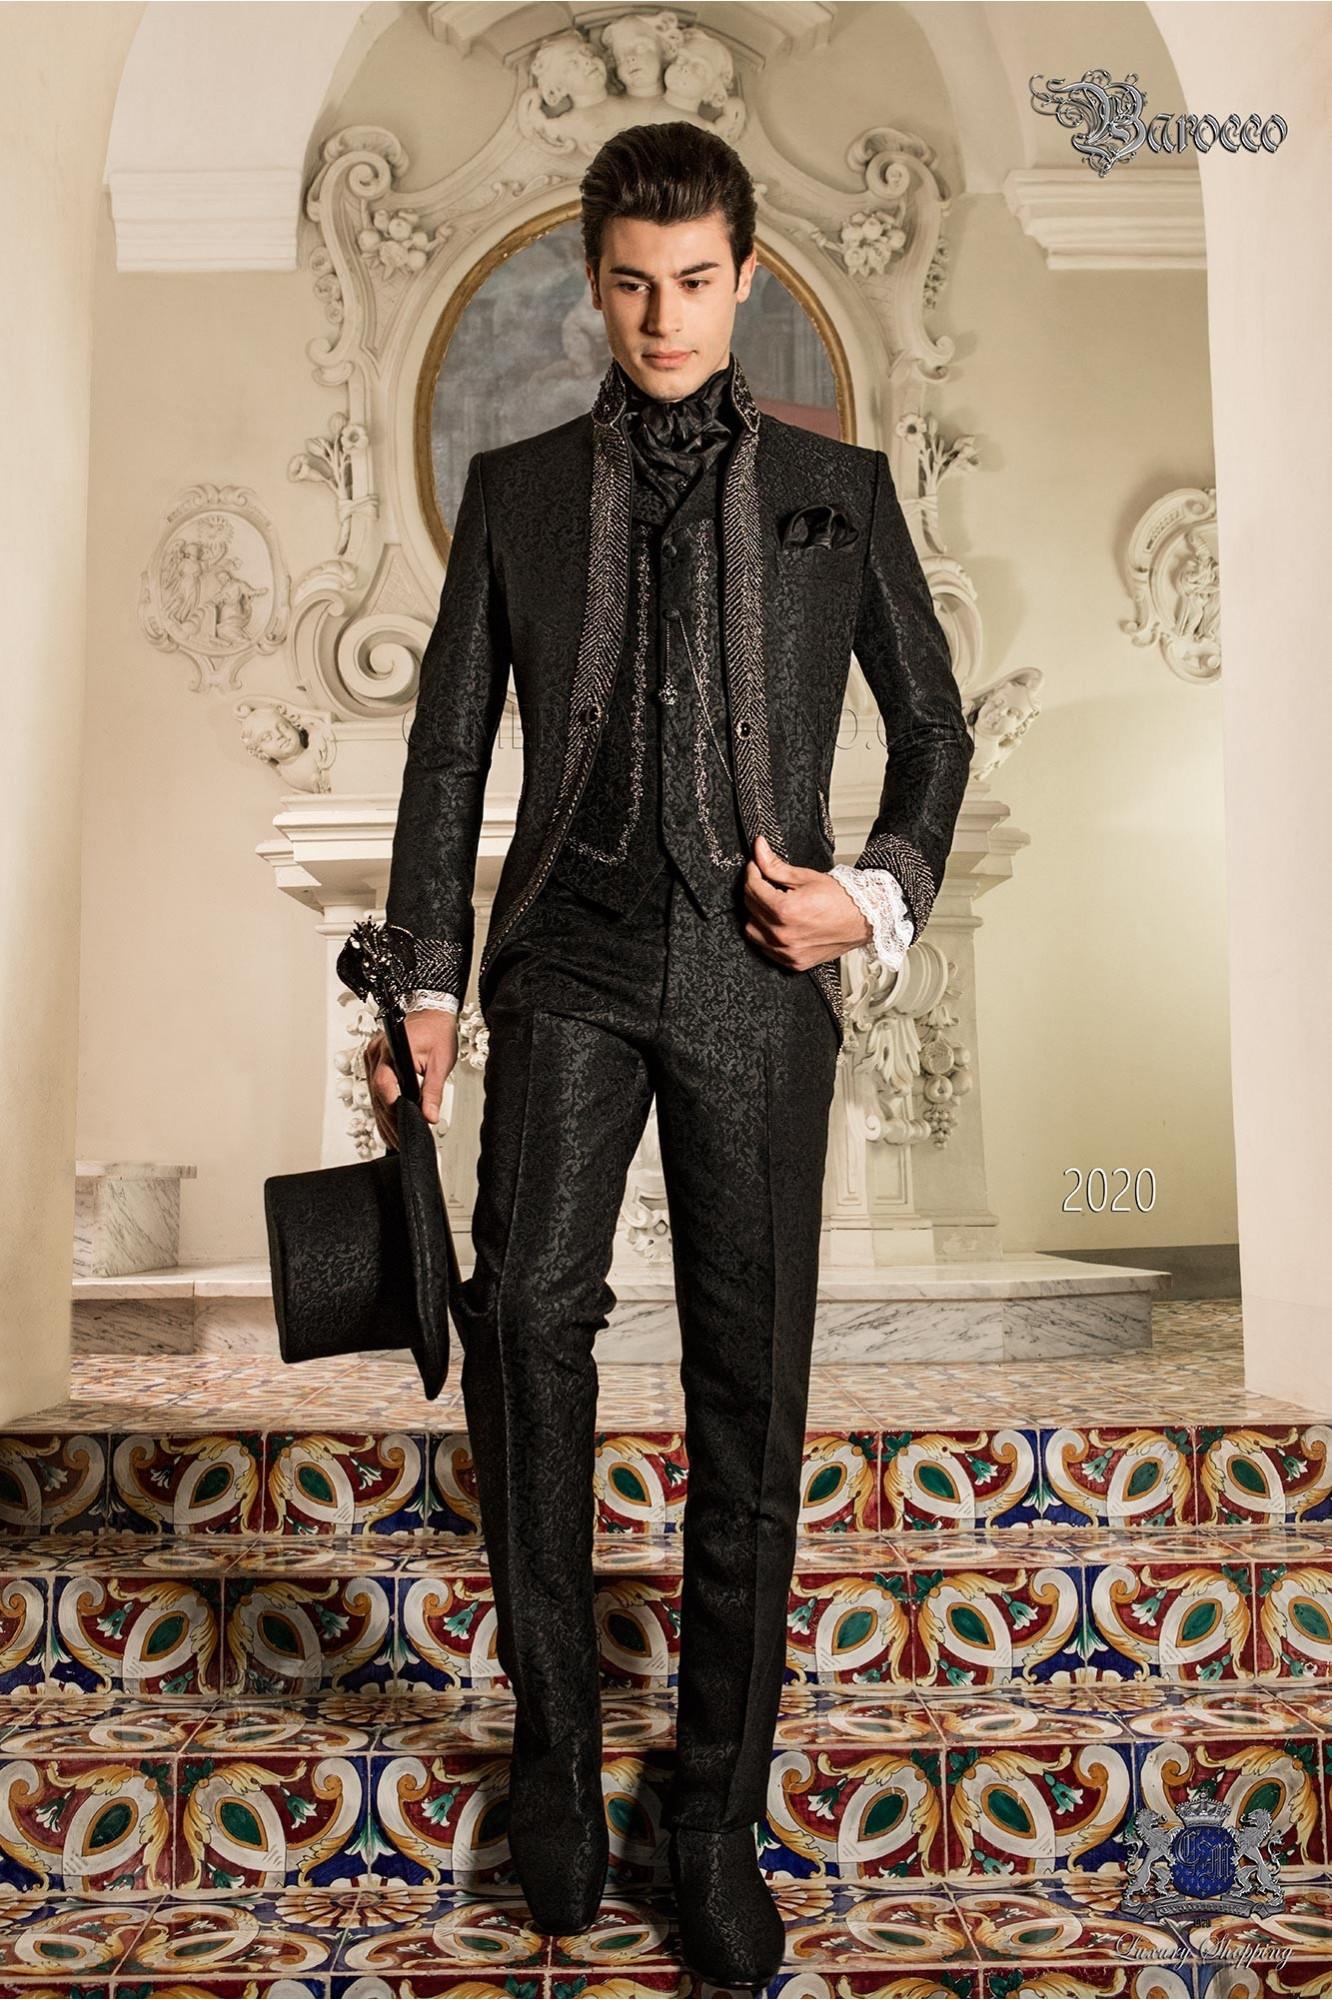 Barocke Hochzeit Gehrock in schwarz Brokat Stoff, Mao Kragen mit Strass